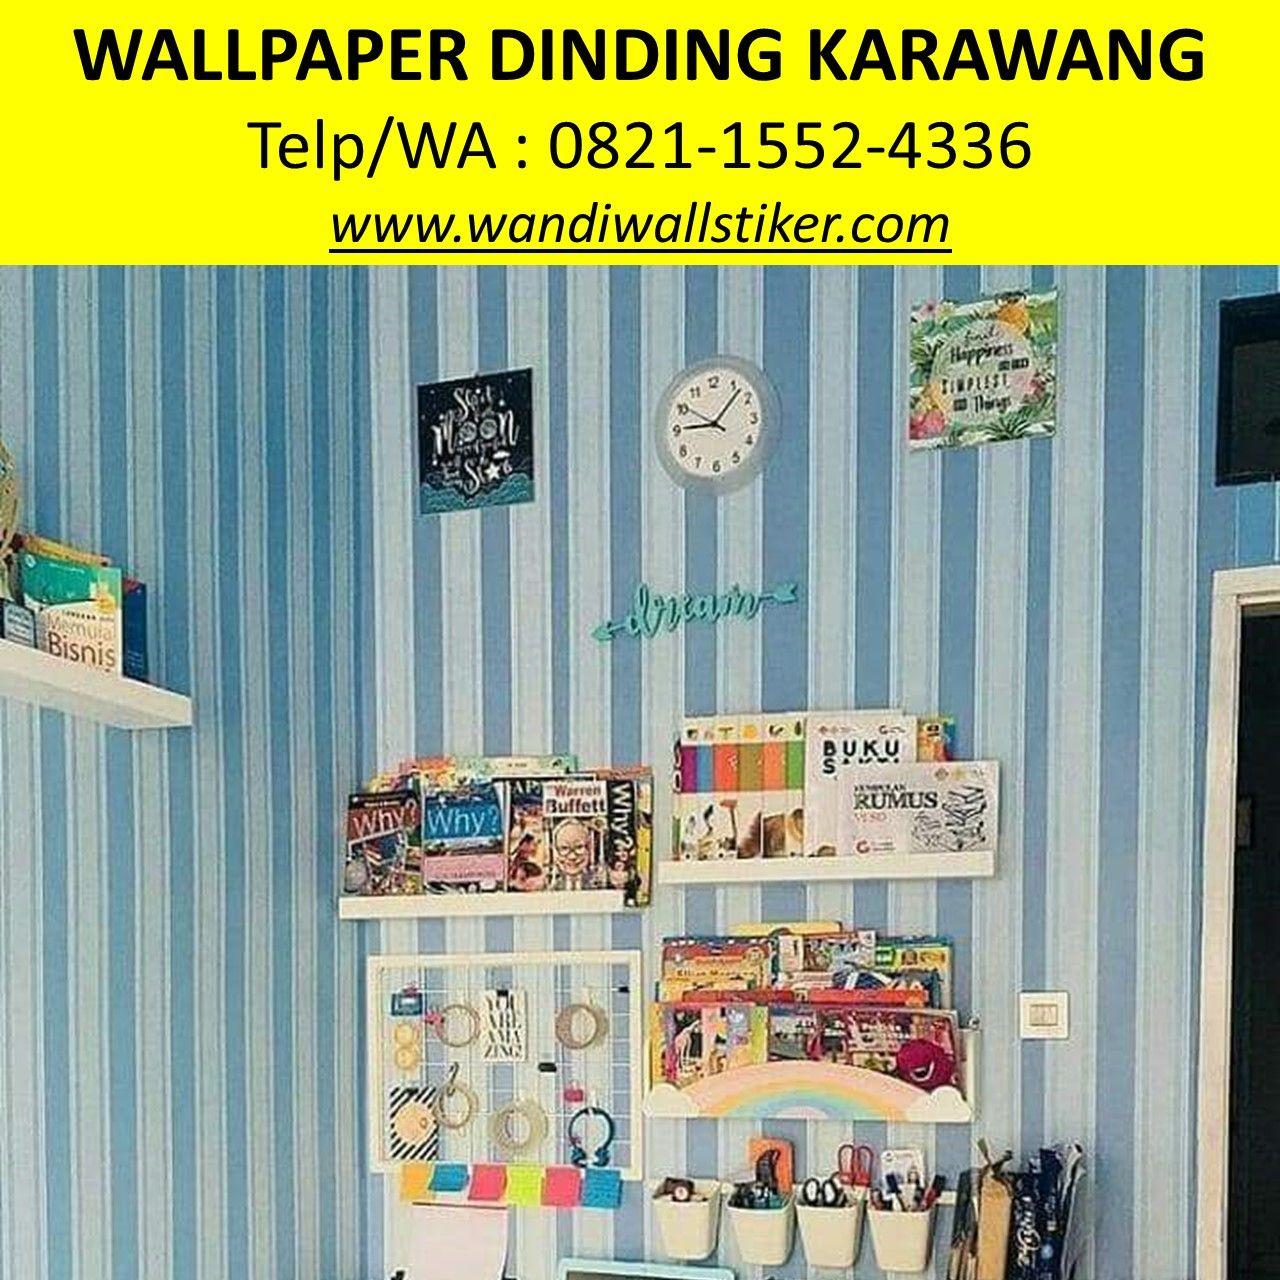 Pin Di Open Order Telp Wa 0821 1552 4336 Simpati Distributor Wallpaper Dinding Karawang